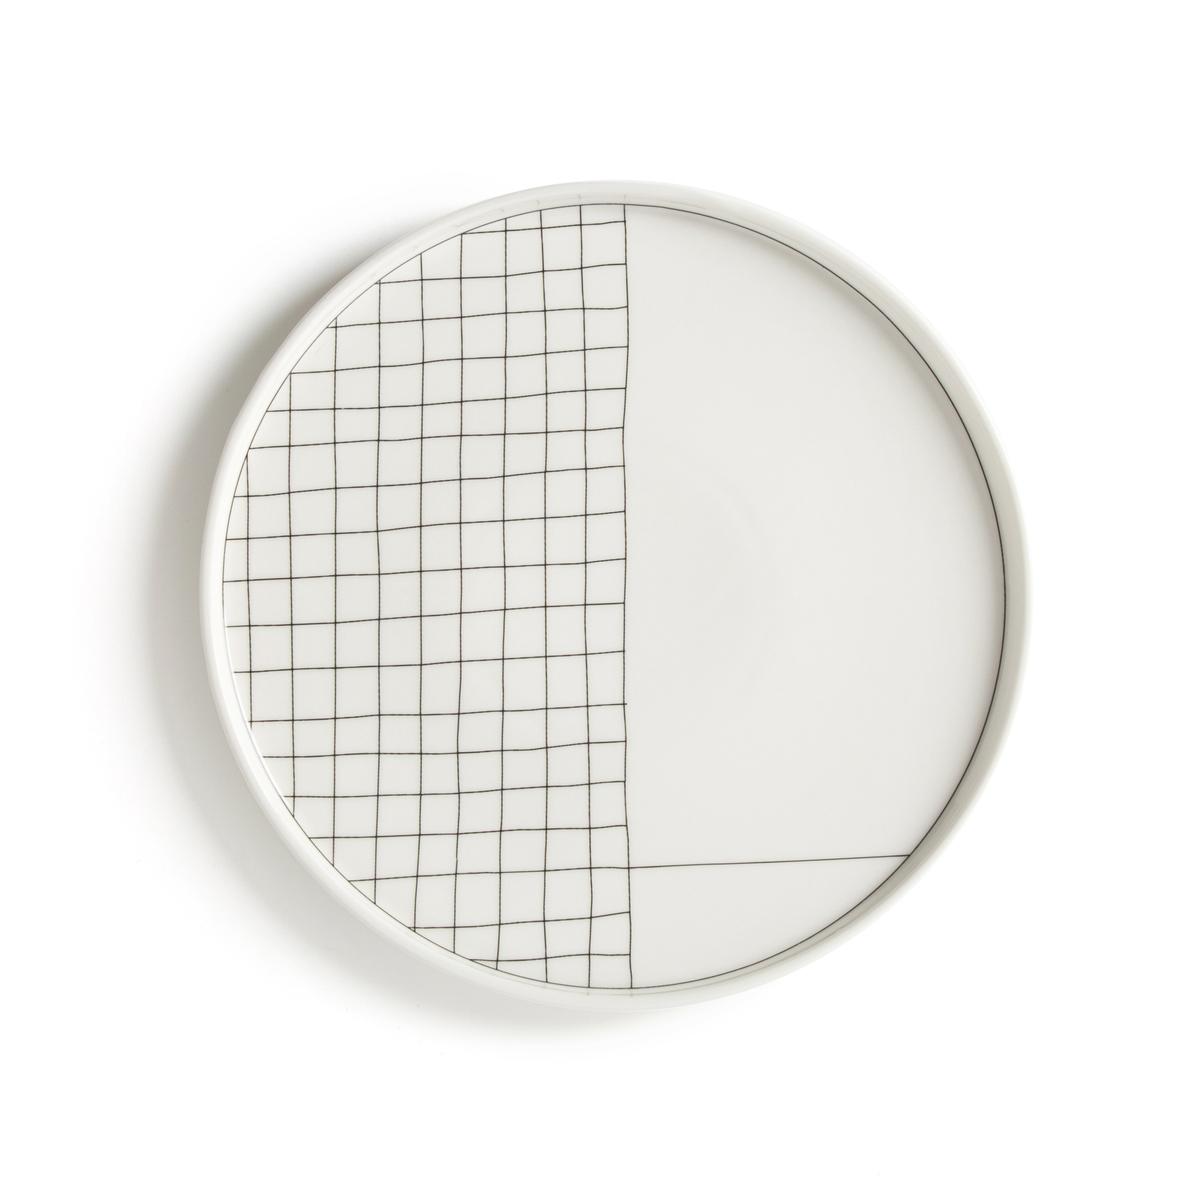 Комплект из 4 плоских тарелок LaRedoute Acao единый размер белый